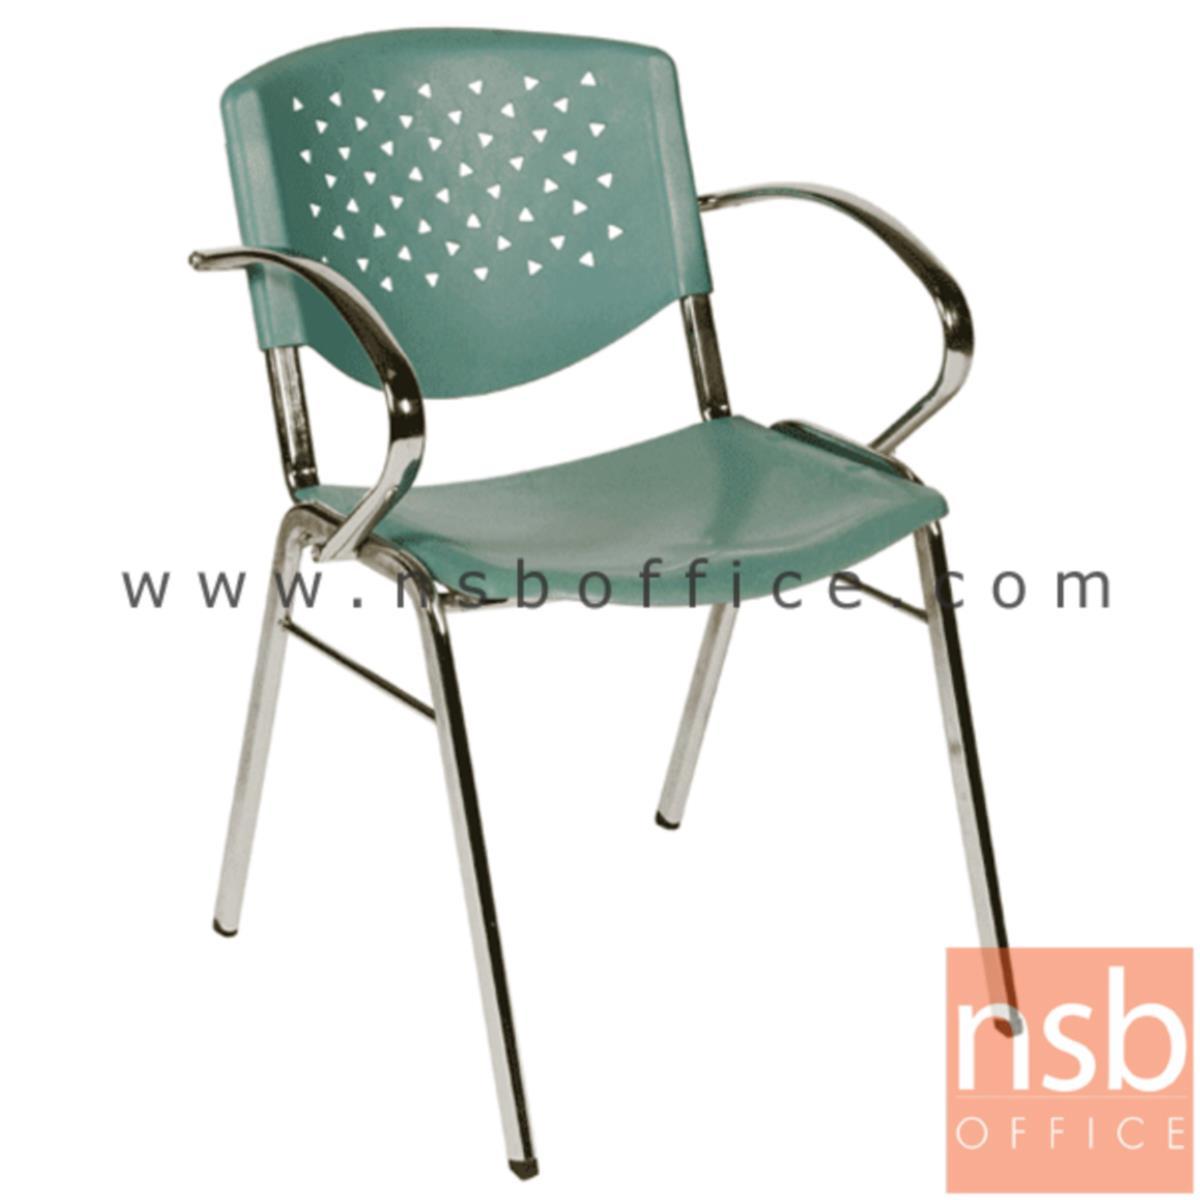 B05A043:เก้าอี้อเนกประสงค์เฟรมโพลี่ รุ่น A136-526  ขาเหล็กชุบโครเมี่ยม